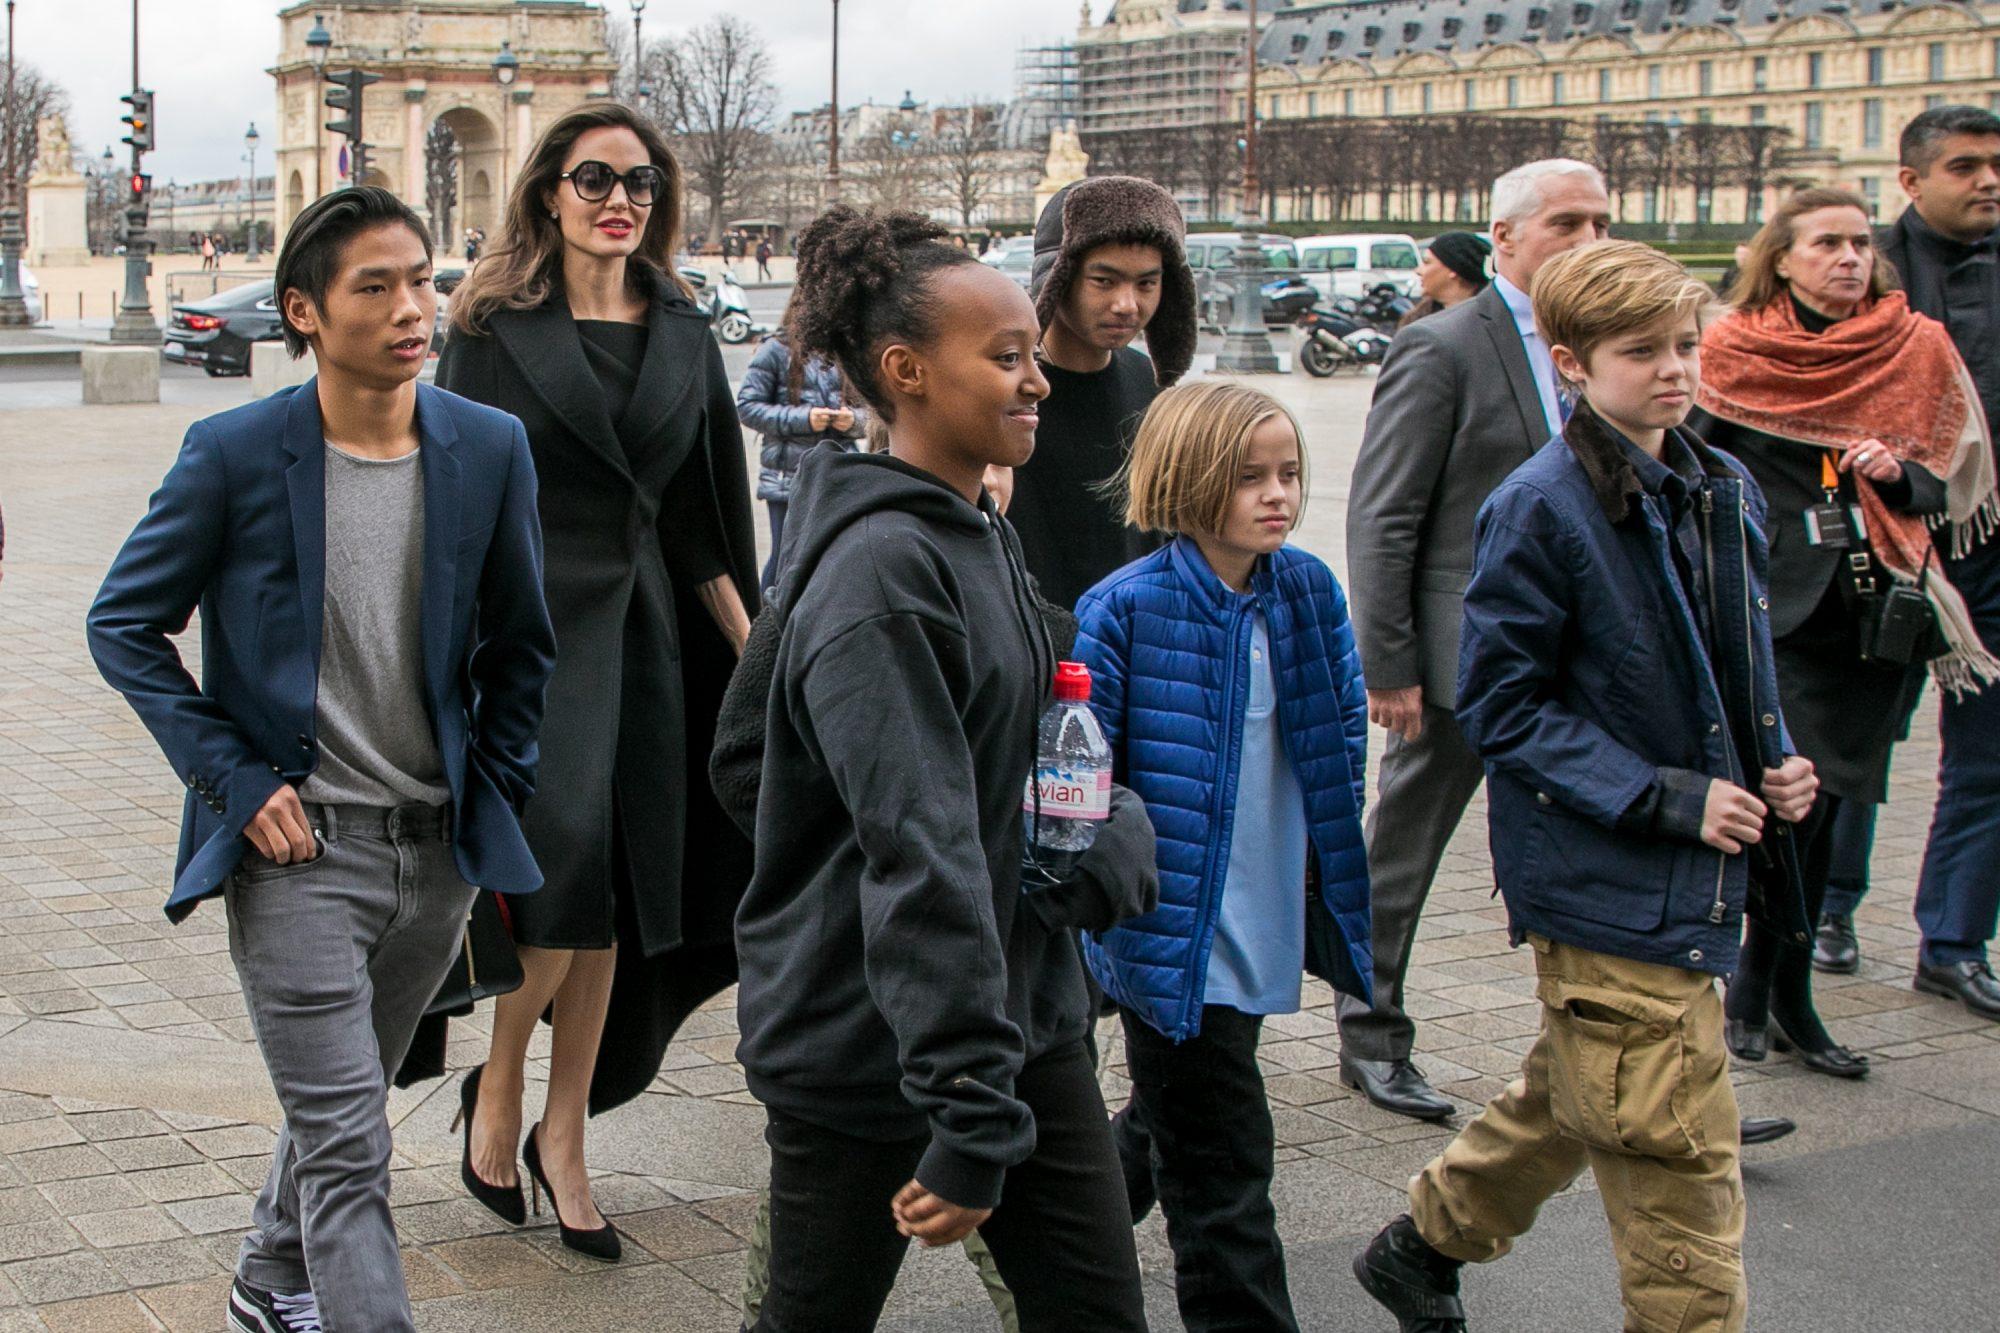 Angelina Jolie, Maddox Jolie-Pitt, Shiloh Jolie-Pitt